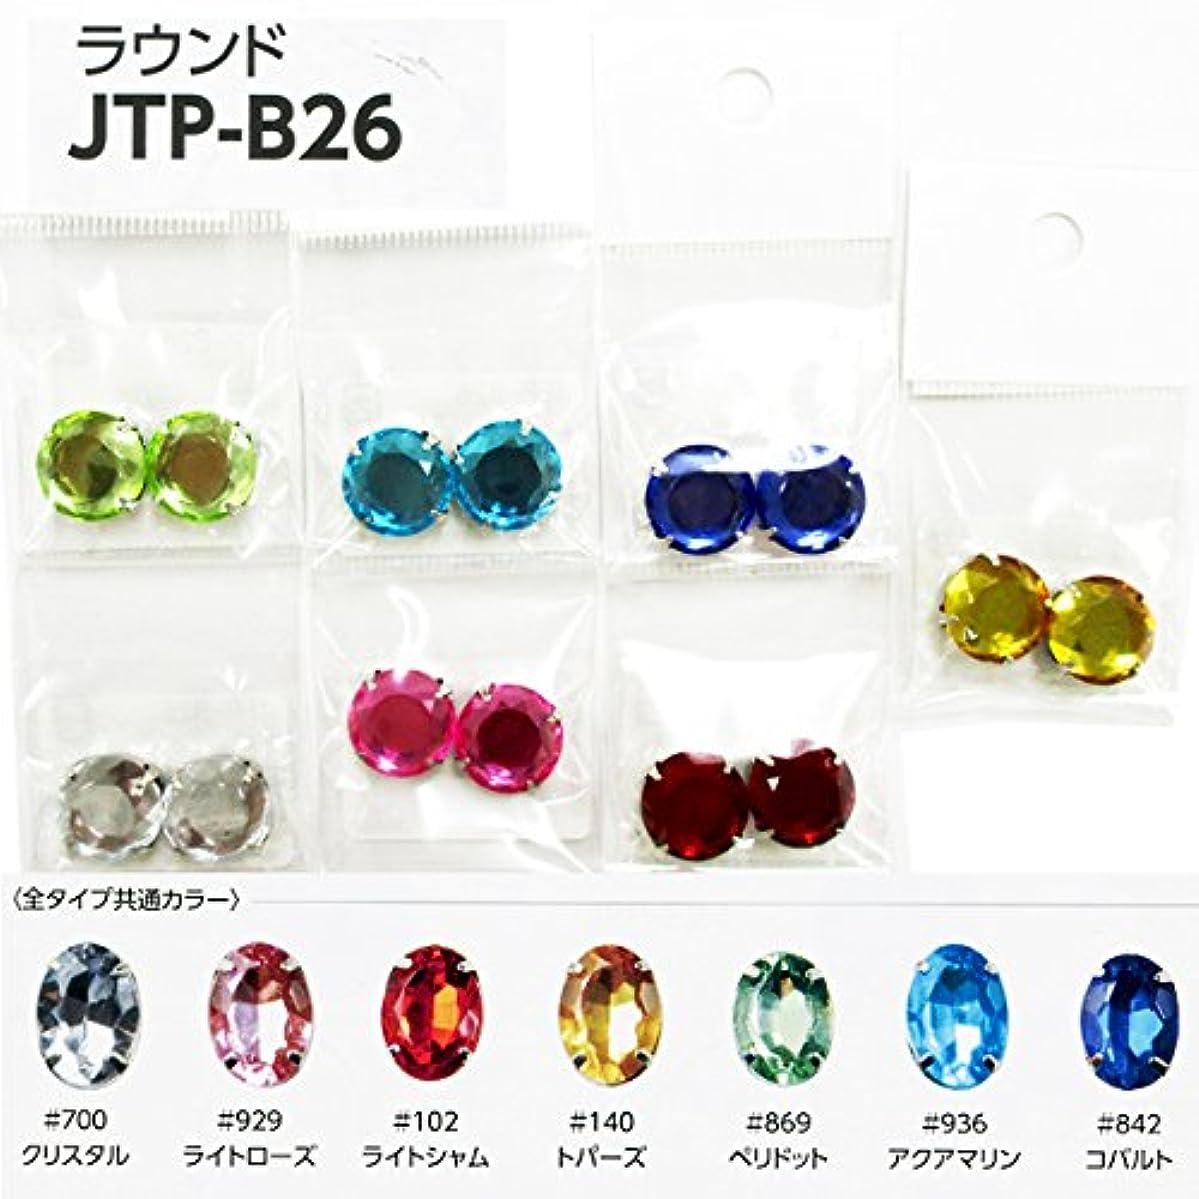 爪付きアクリルストーン ラウンド JTP-B26#102 ライトシャム 【袋】